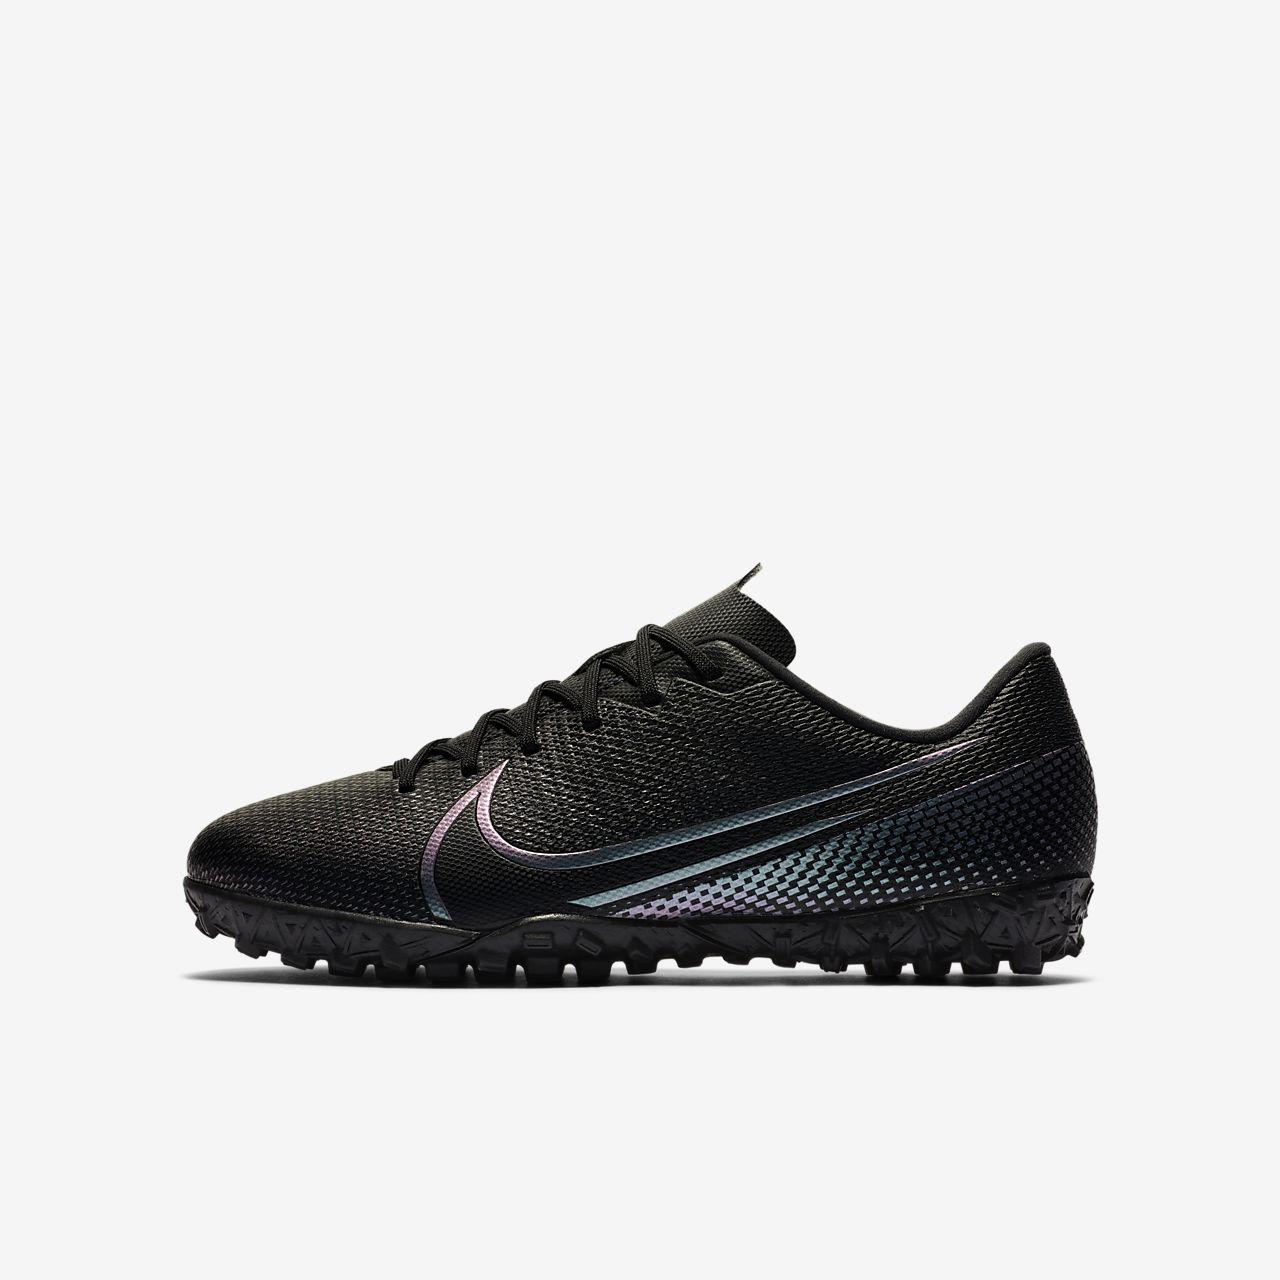 Ποδοσφαιρικό παπούτσι για τεχνητό χλοοτάπητα Nike Jr. Mercurial Vapor 13 Academy TF για μικρά/μεγάλα παιδιά